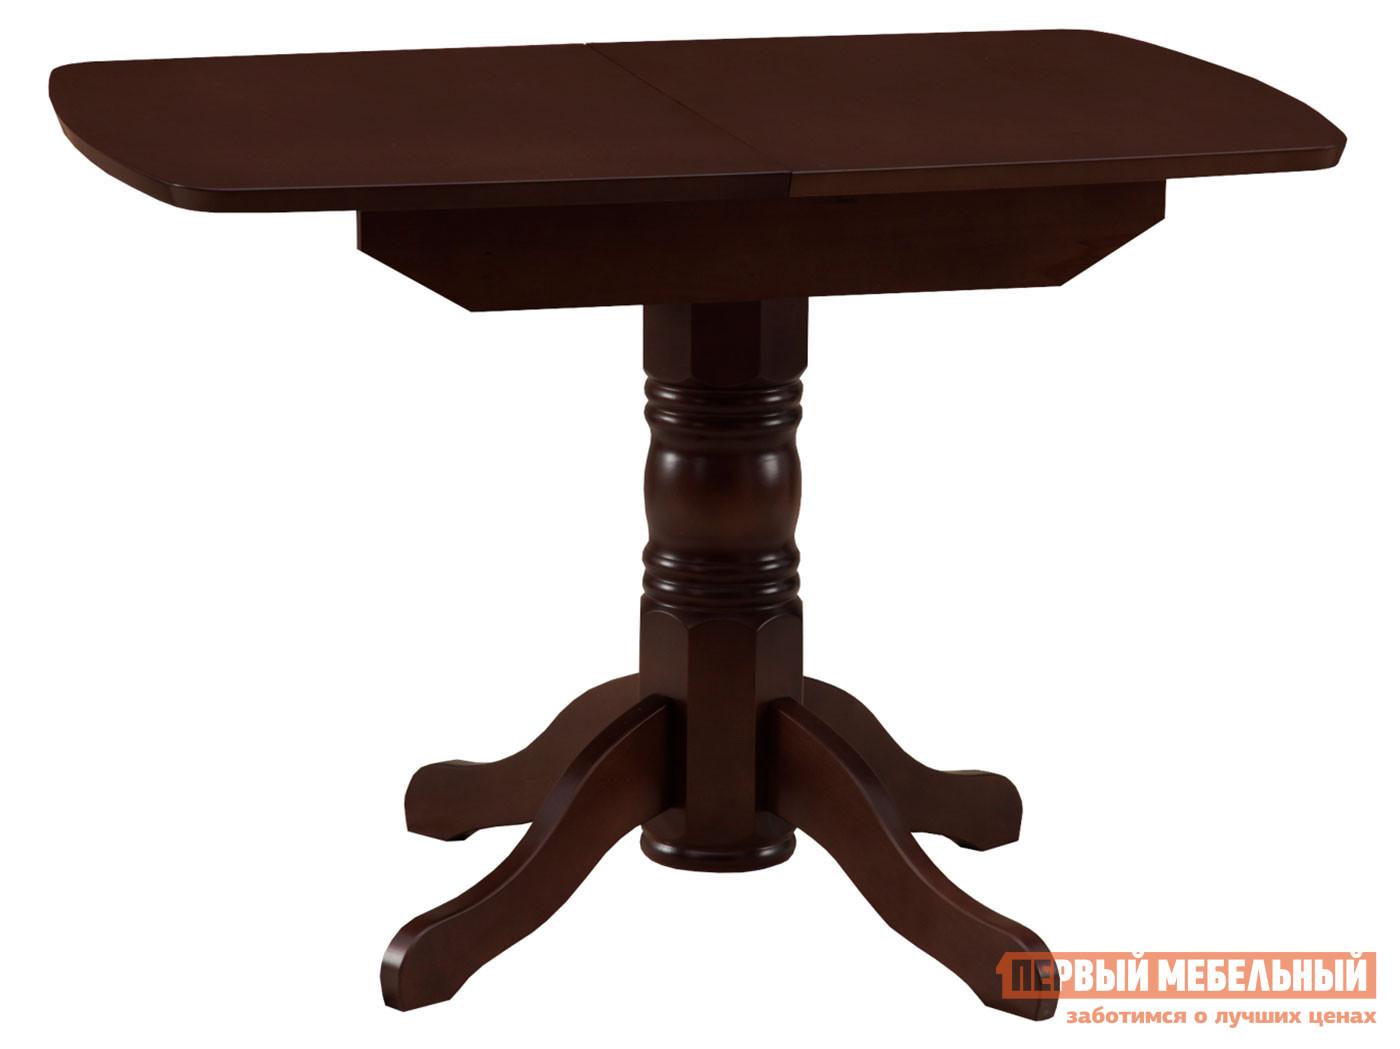 Кухонный стол  обеденный раздвижной овальная крышка массив Венге Боровичи 98265